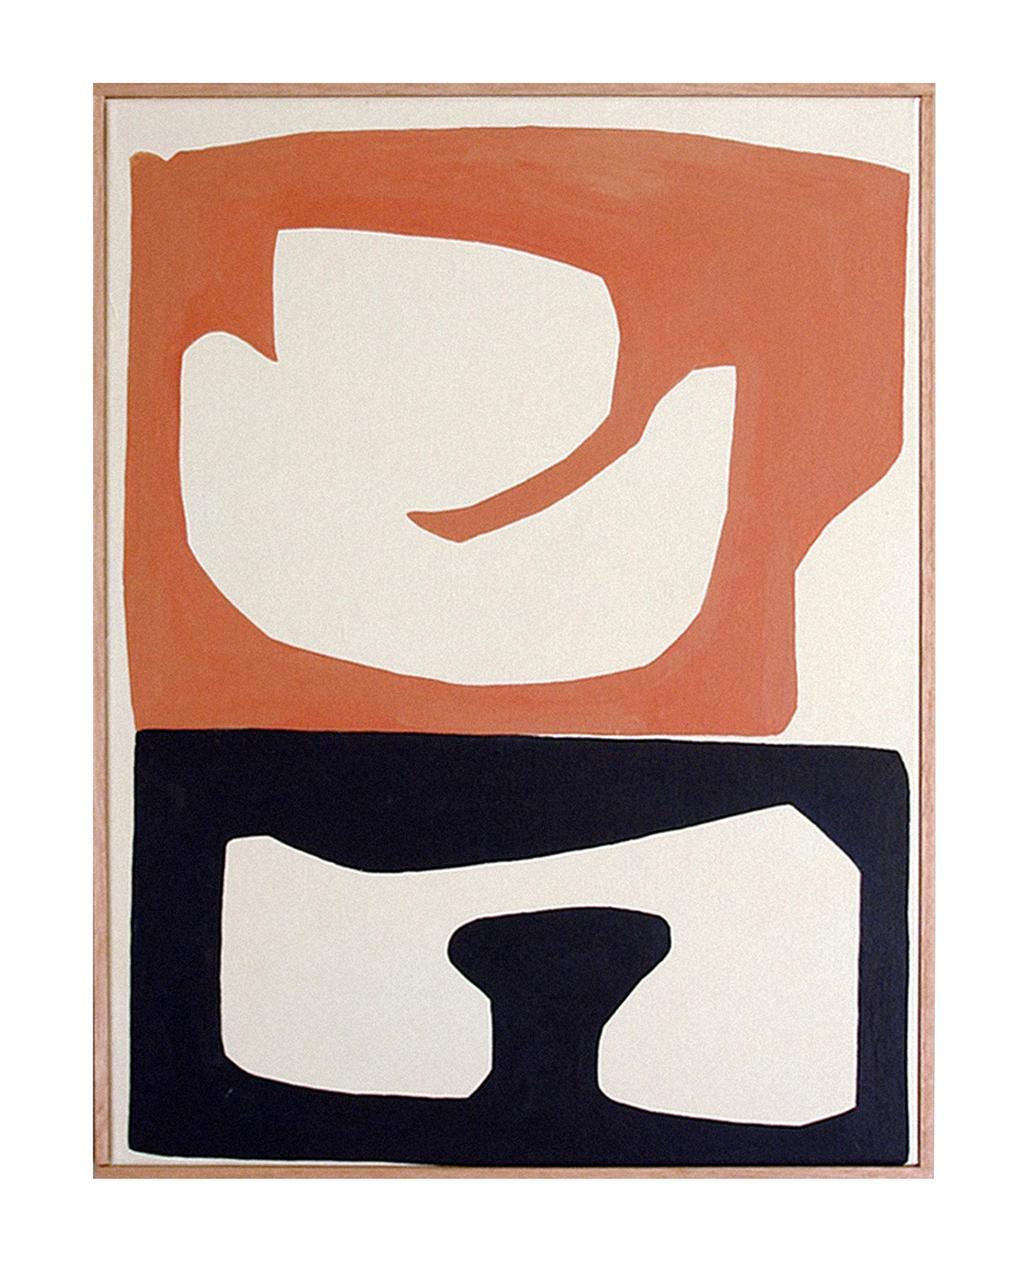 vtwonen 12-2020 | kunst Anne Olde Kalter roze met zwart